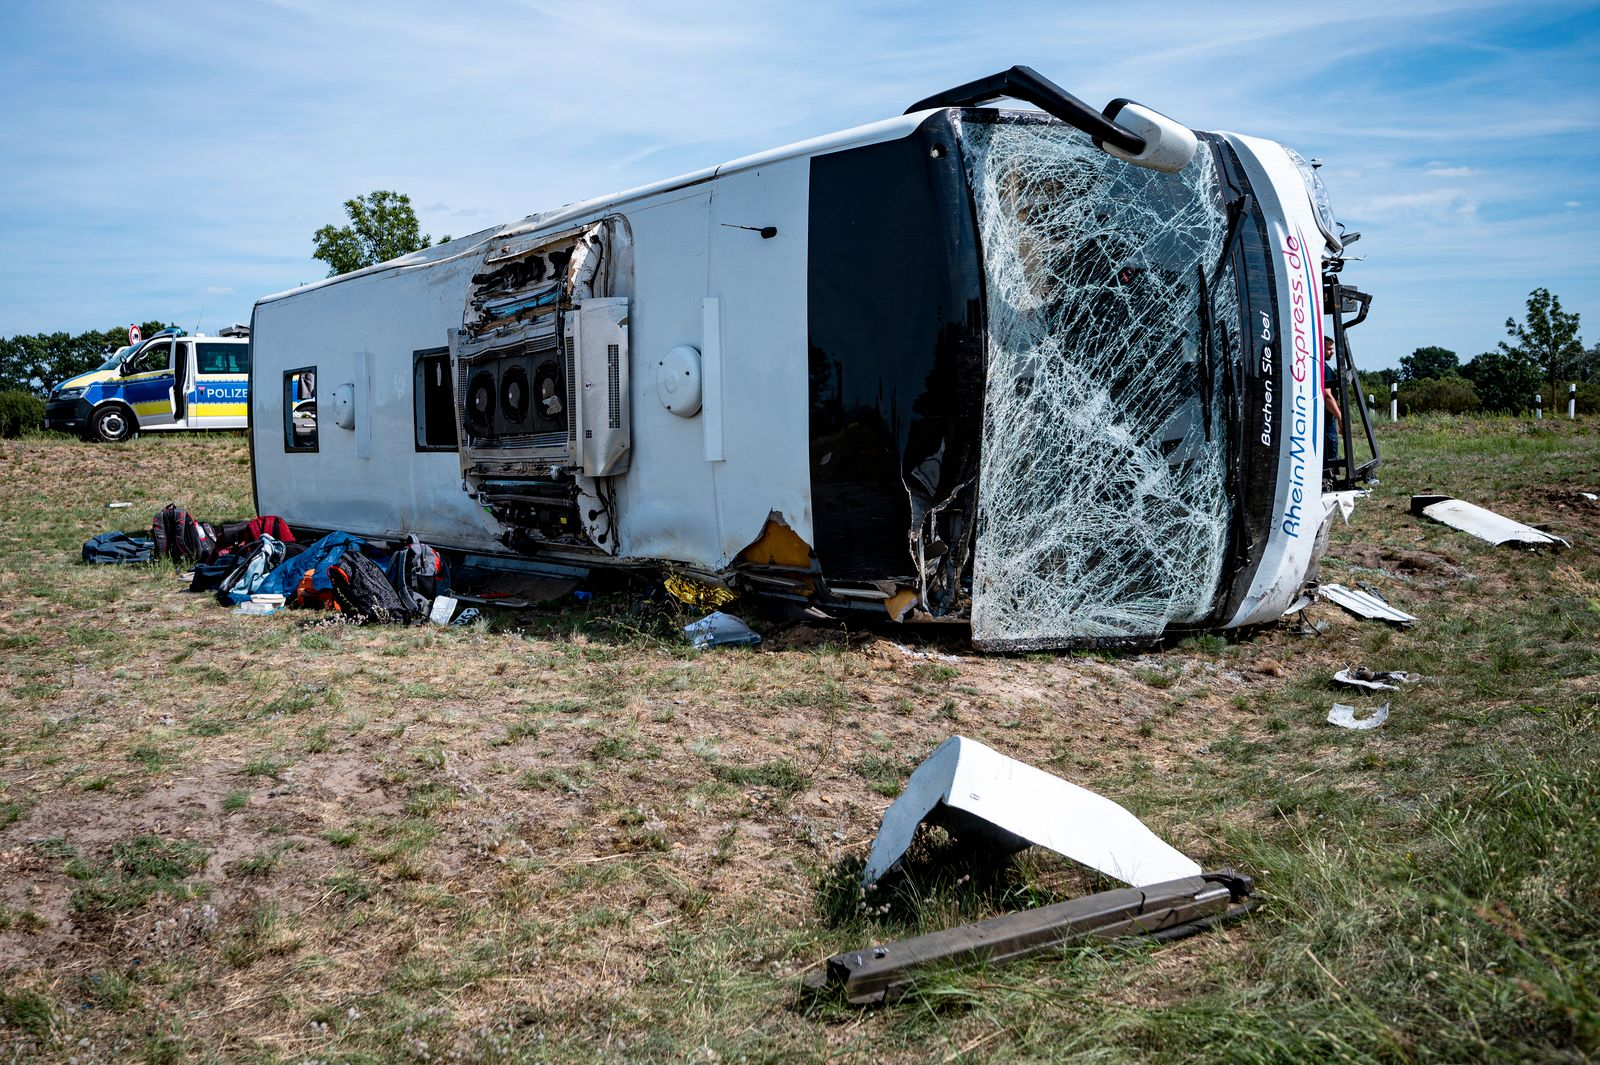 Reisebus verunglückt auf A13 - mehrere Verletzte